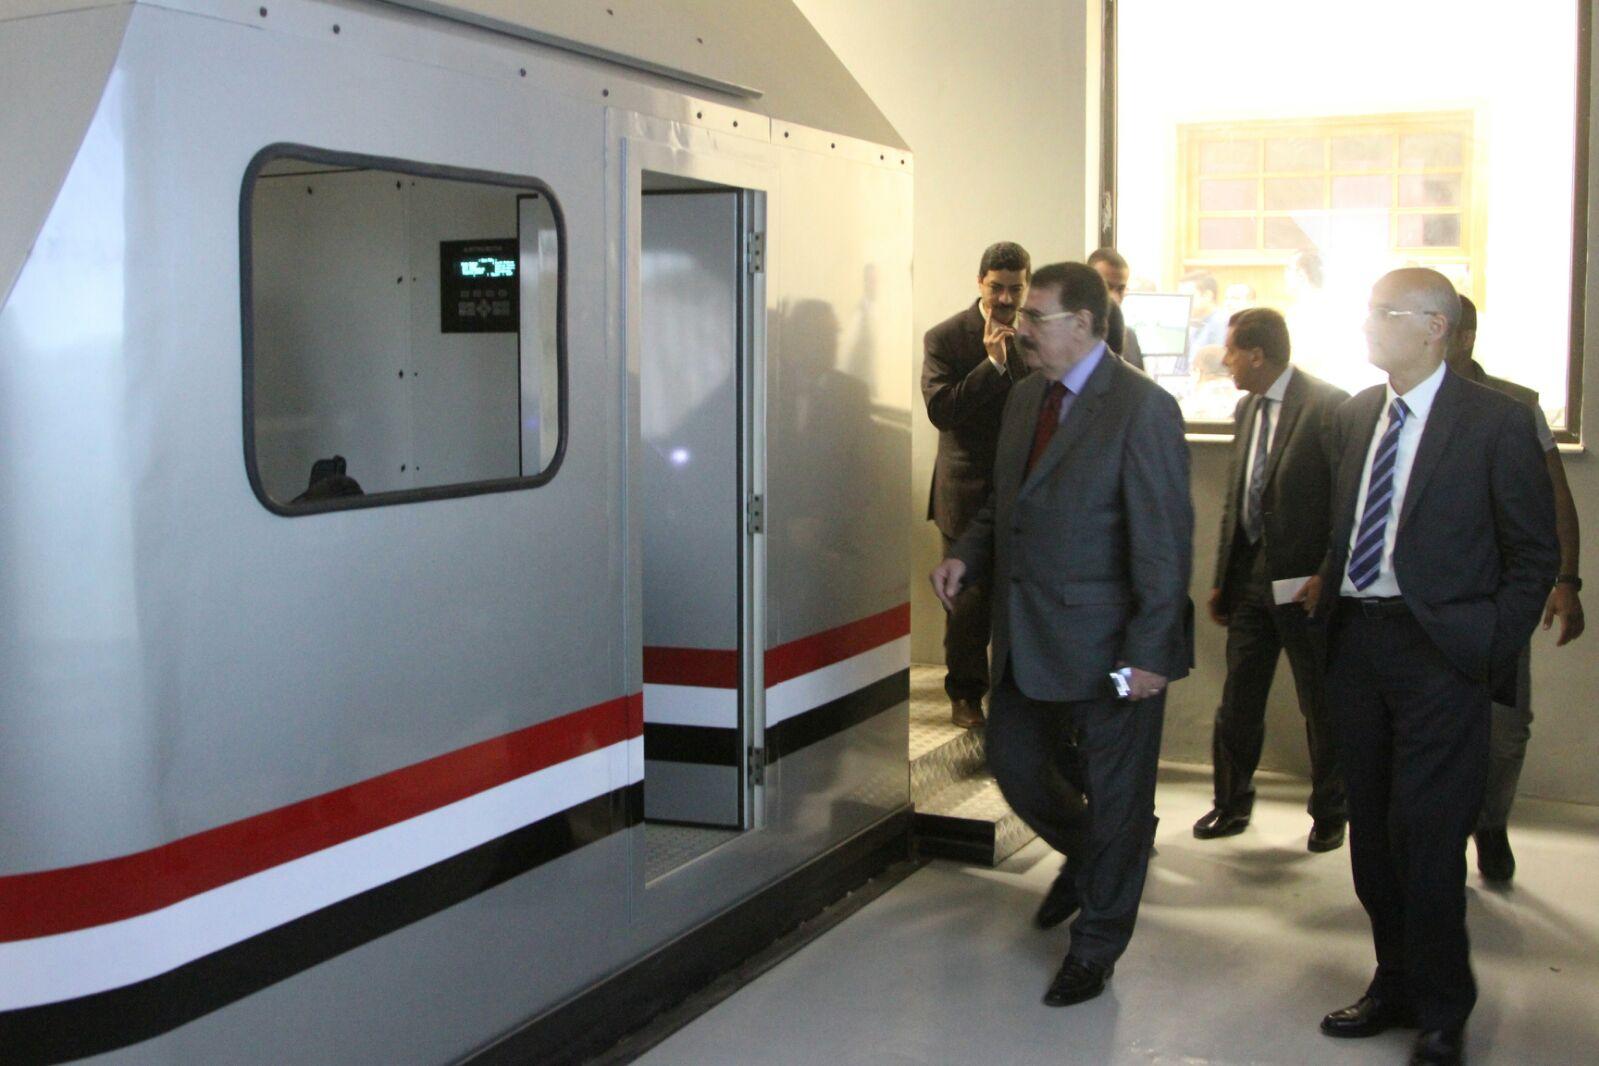 وزير النقل سيتم إنشاء كلية لهندسة السكك الحديد مصر العربية